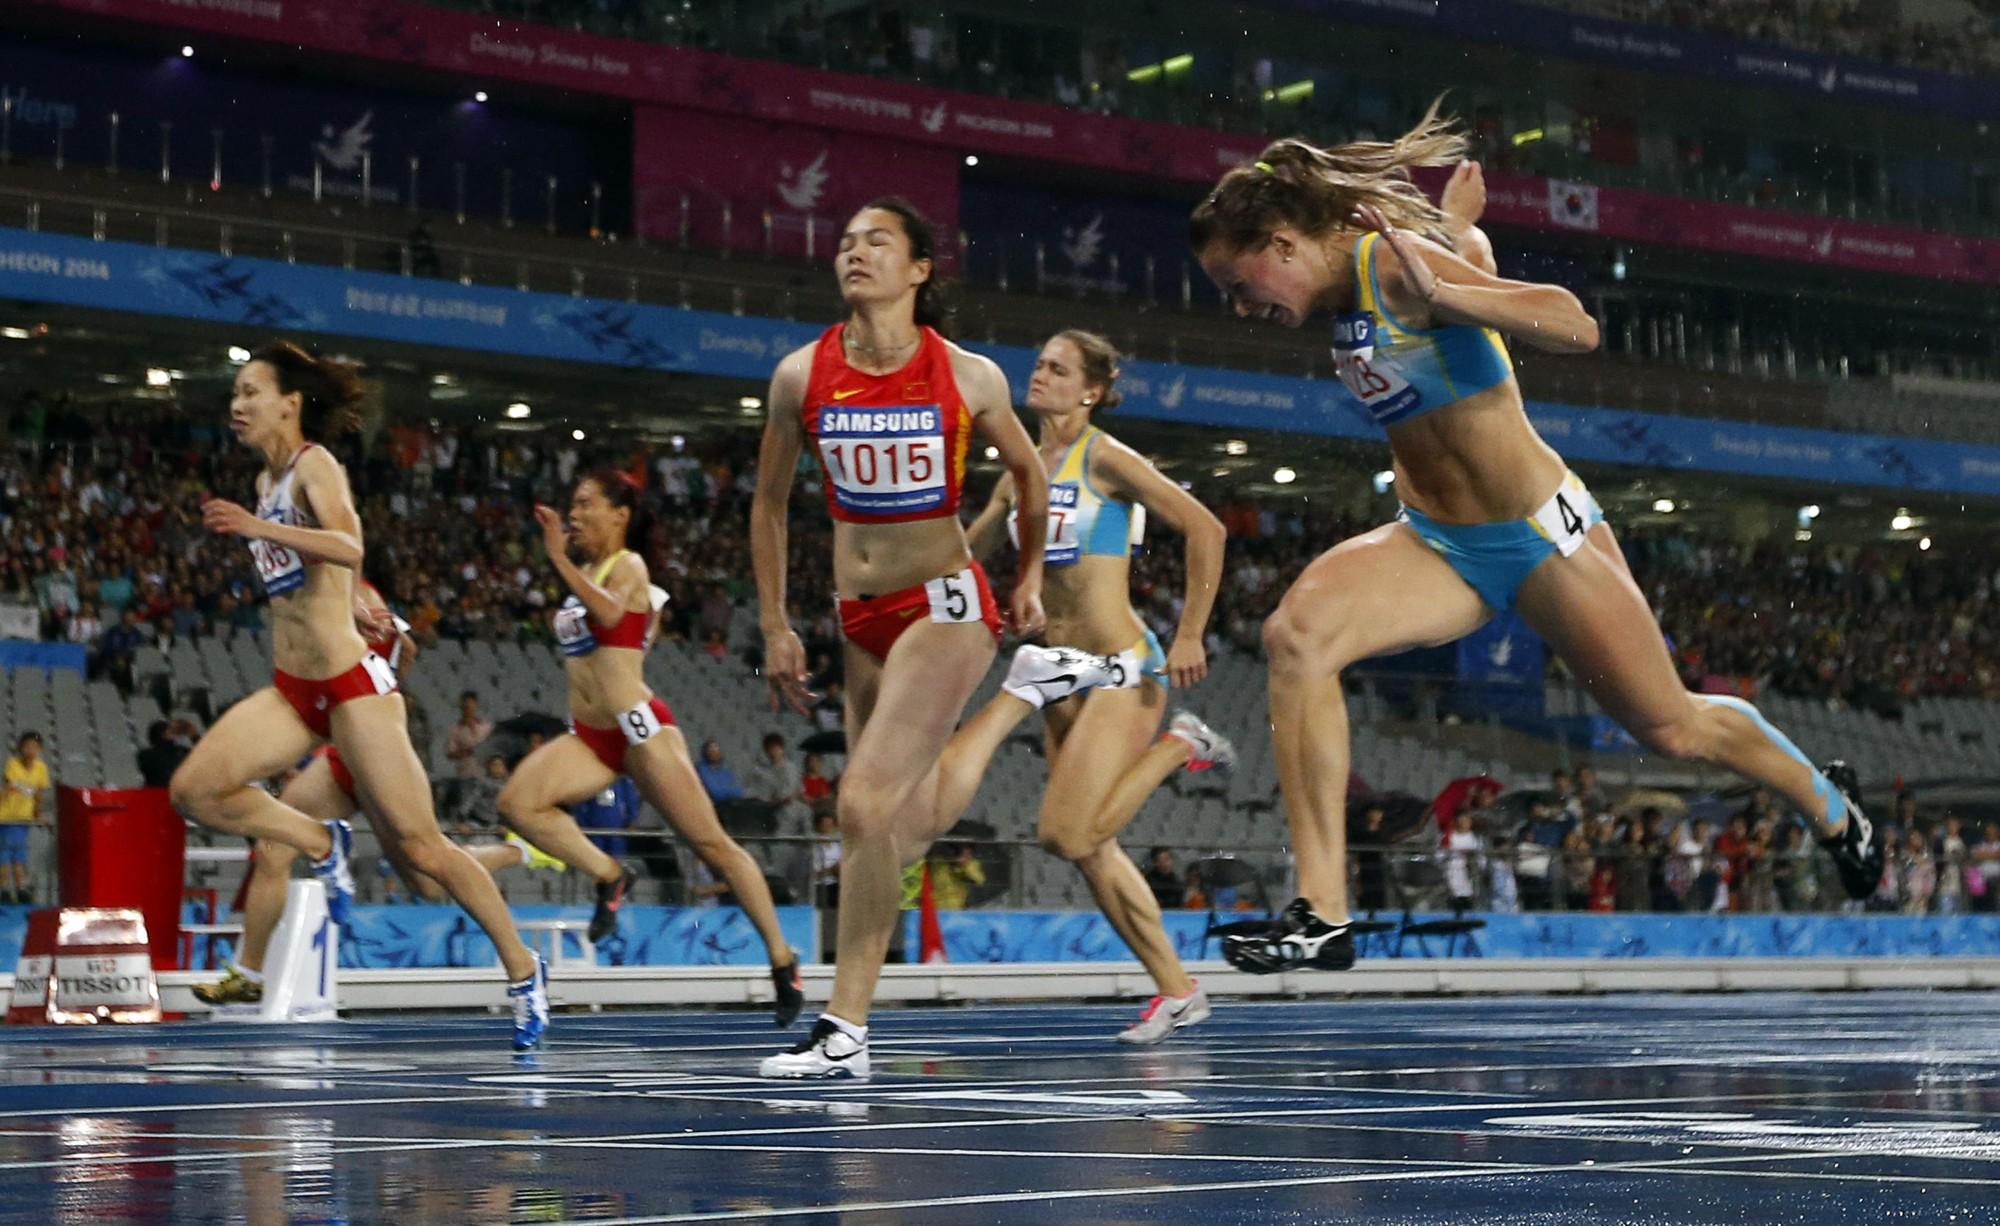 Tổng hợp 8 vận động viên điền kinh nổi tiếng hàng đầu tại Việt Nam